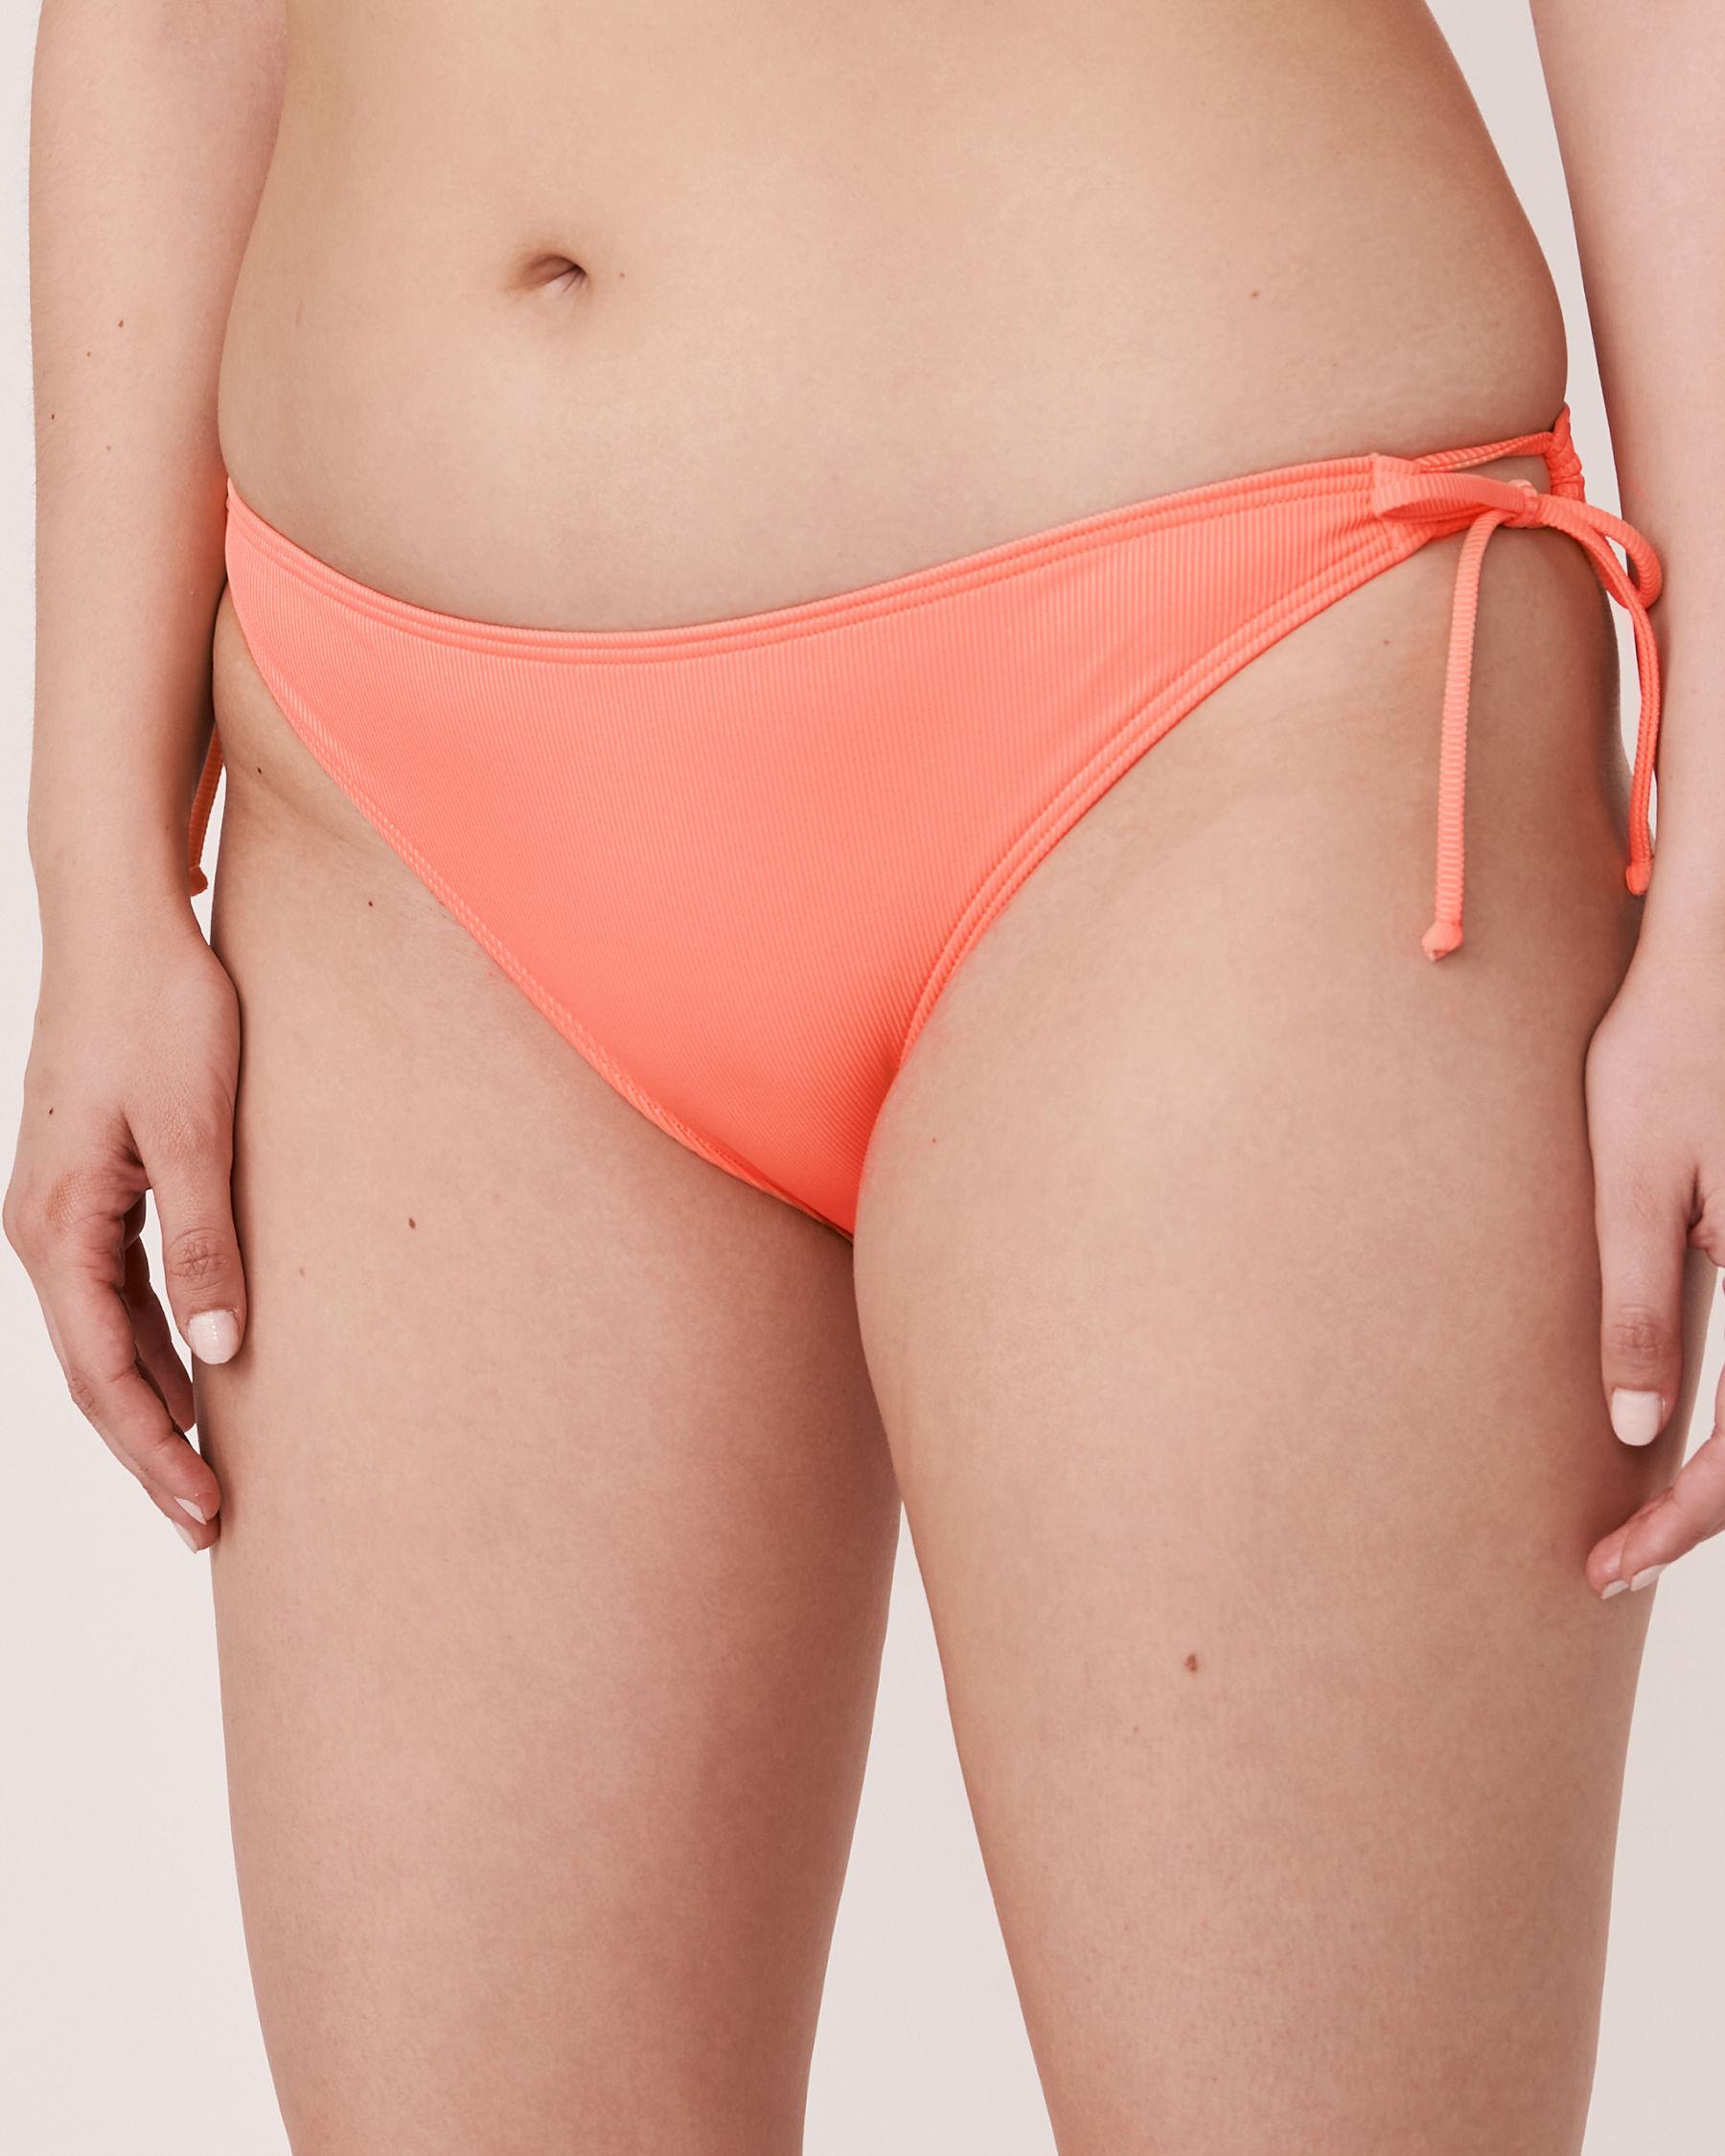 AQUAROSE Bas de bikini brésilien en fibres recyclées SOLID RIB Corail 70300052 - Voir1